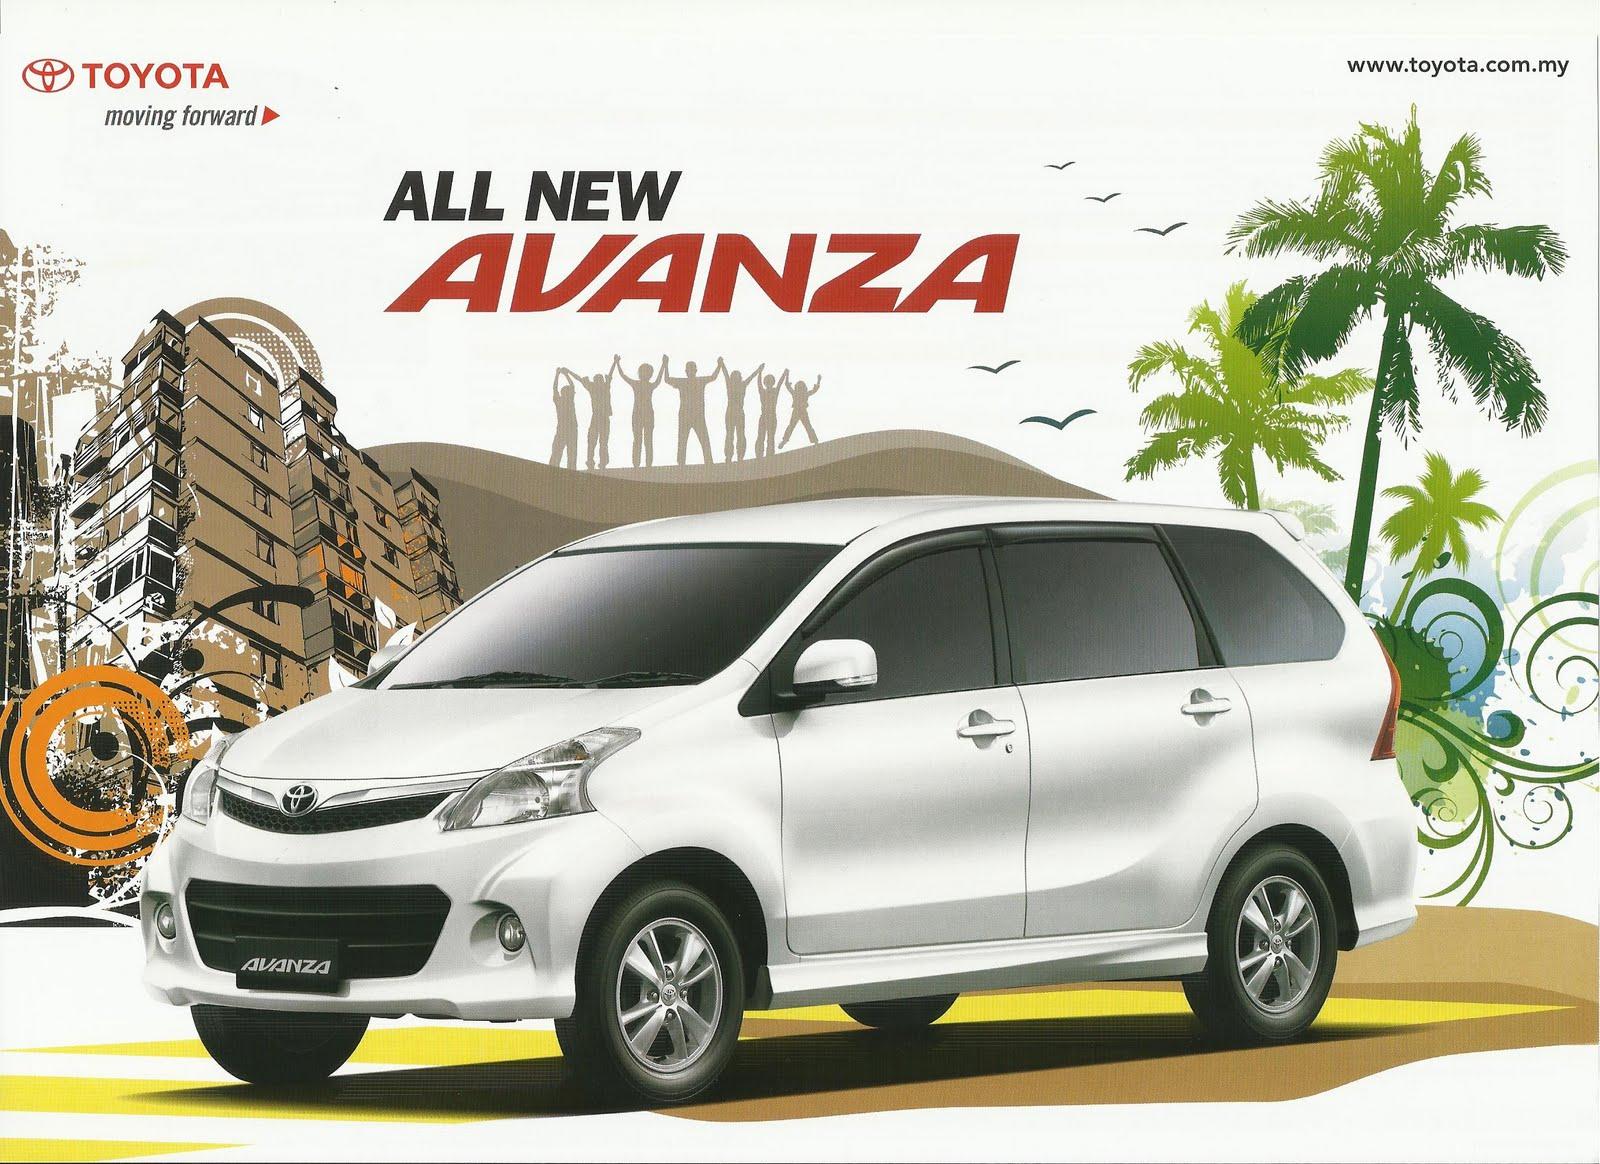 Pilihan Warna All New Kijang Innova Spesifikasi Agya Trd Iklan Promo Seluruh Indonesia Jual Mobil Toyota Harga